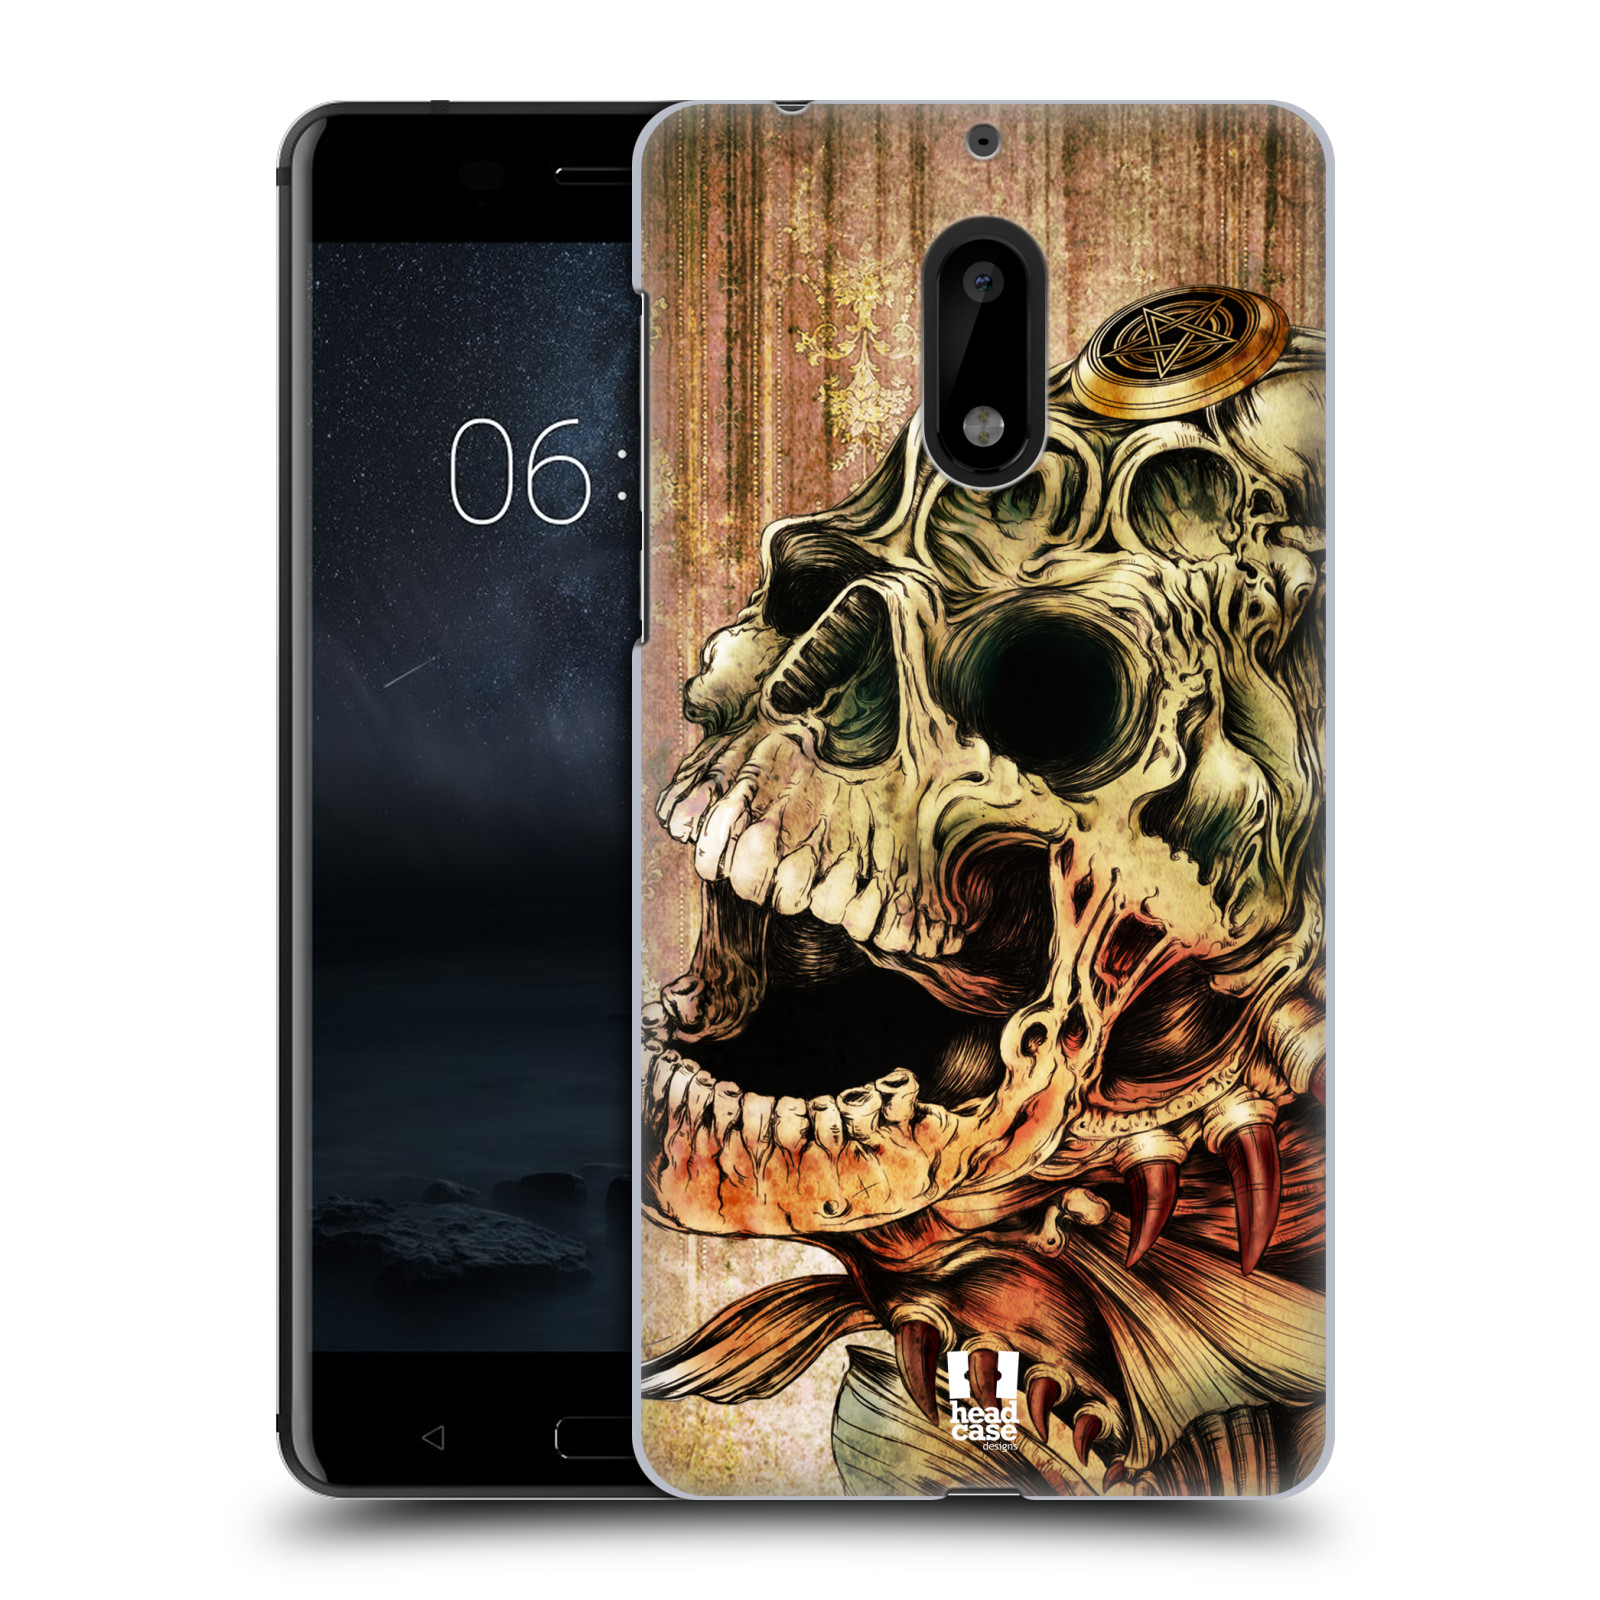 Plastové pouzdro na mobil Nokia 6 - Head Case PIRANHA (Plastový kryt či obal na mobilní telefon Nokia 6 (Dual SIM))